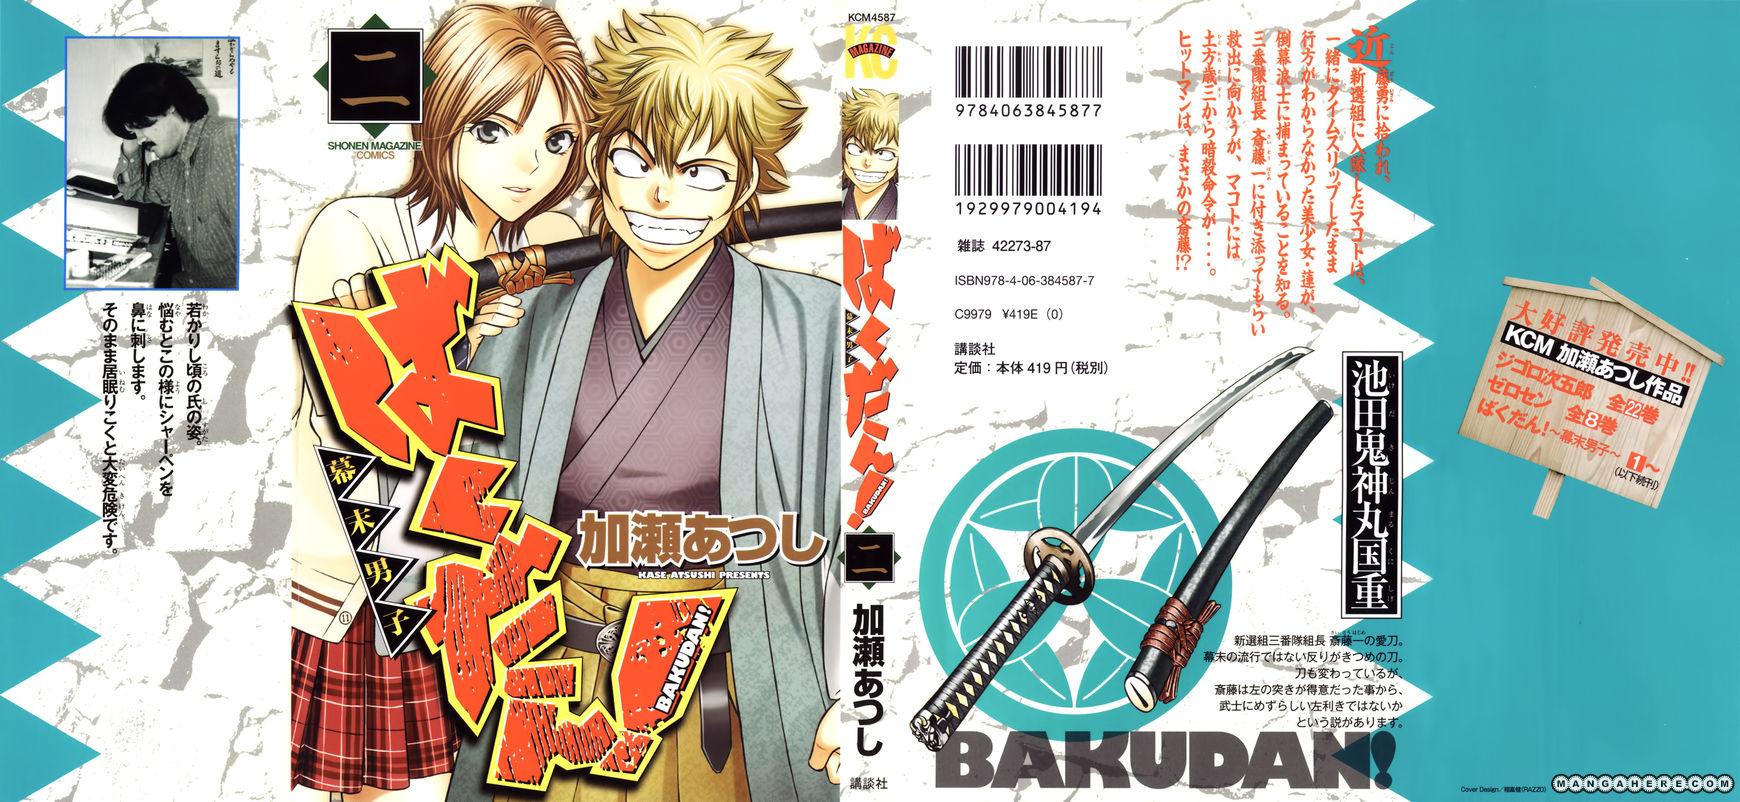 Bakudan! - Bakumatsu Danshi 7 Page 2